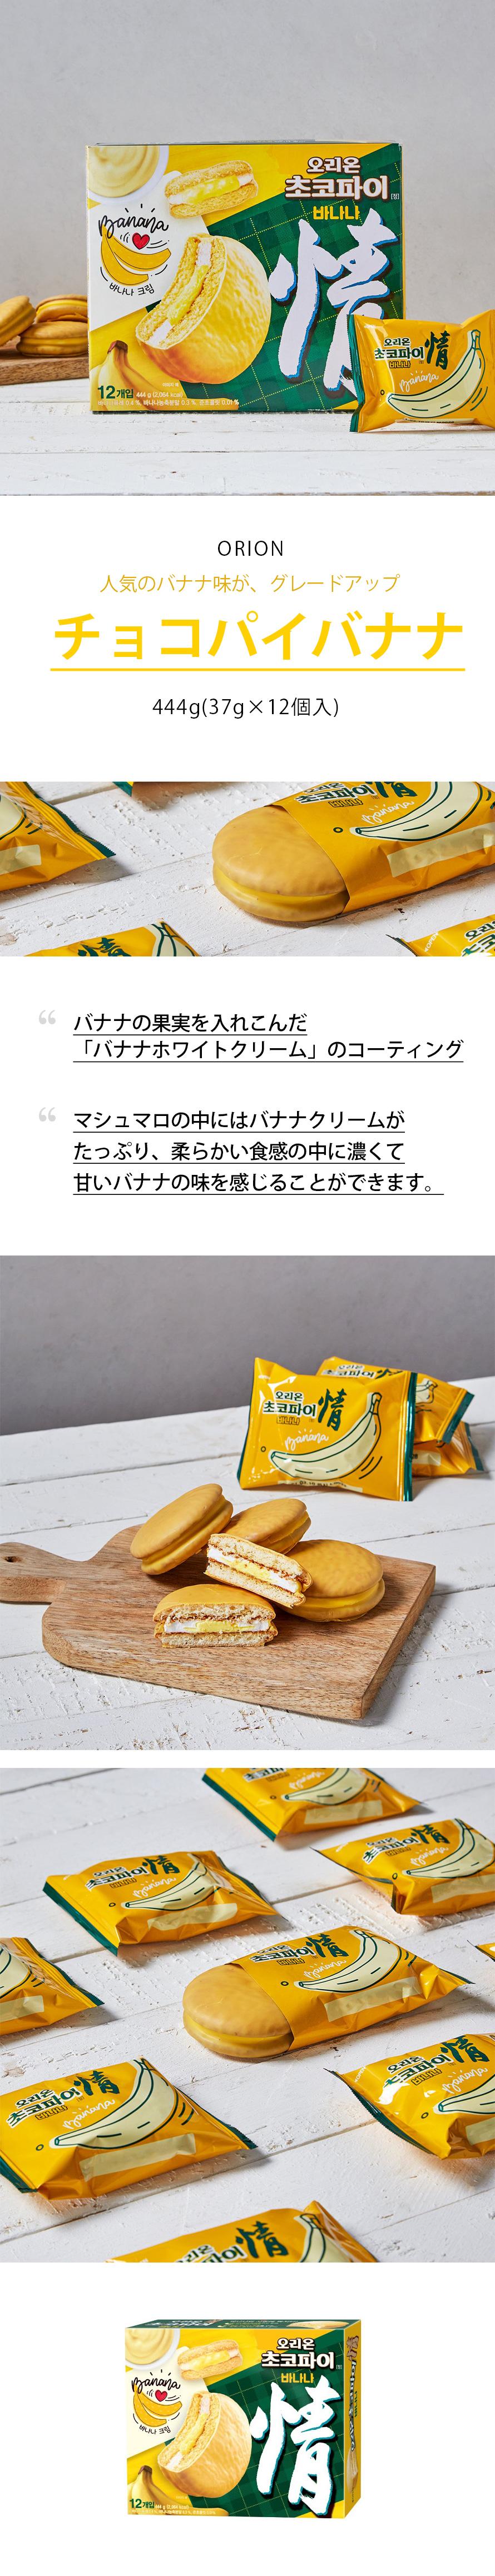 韓国お菓子/飲料/お菓子